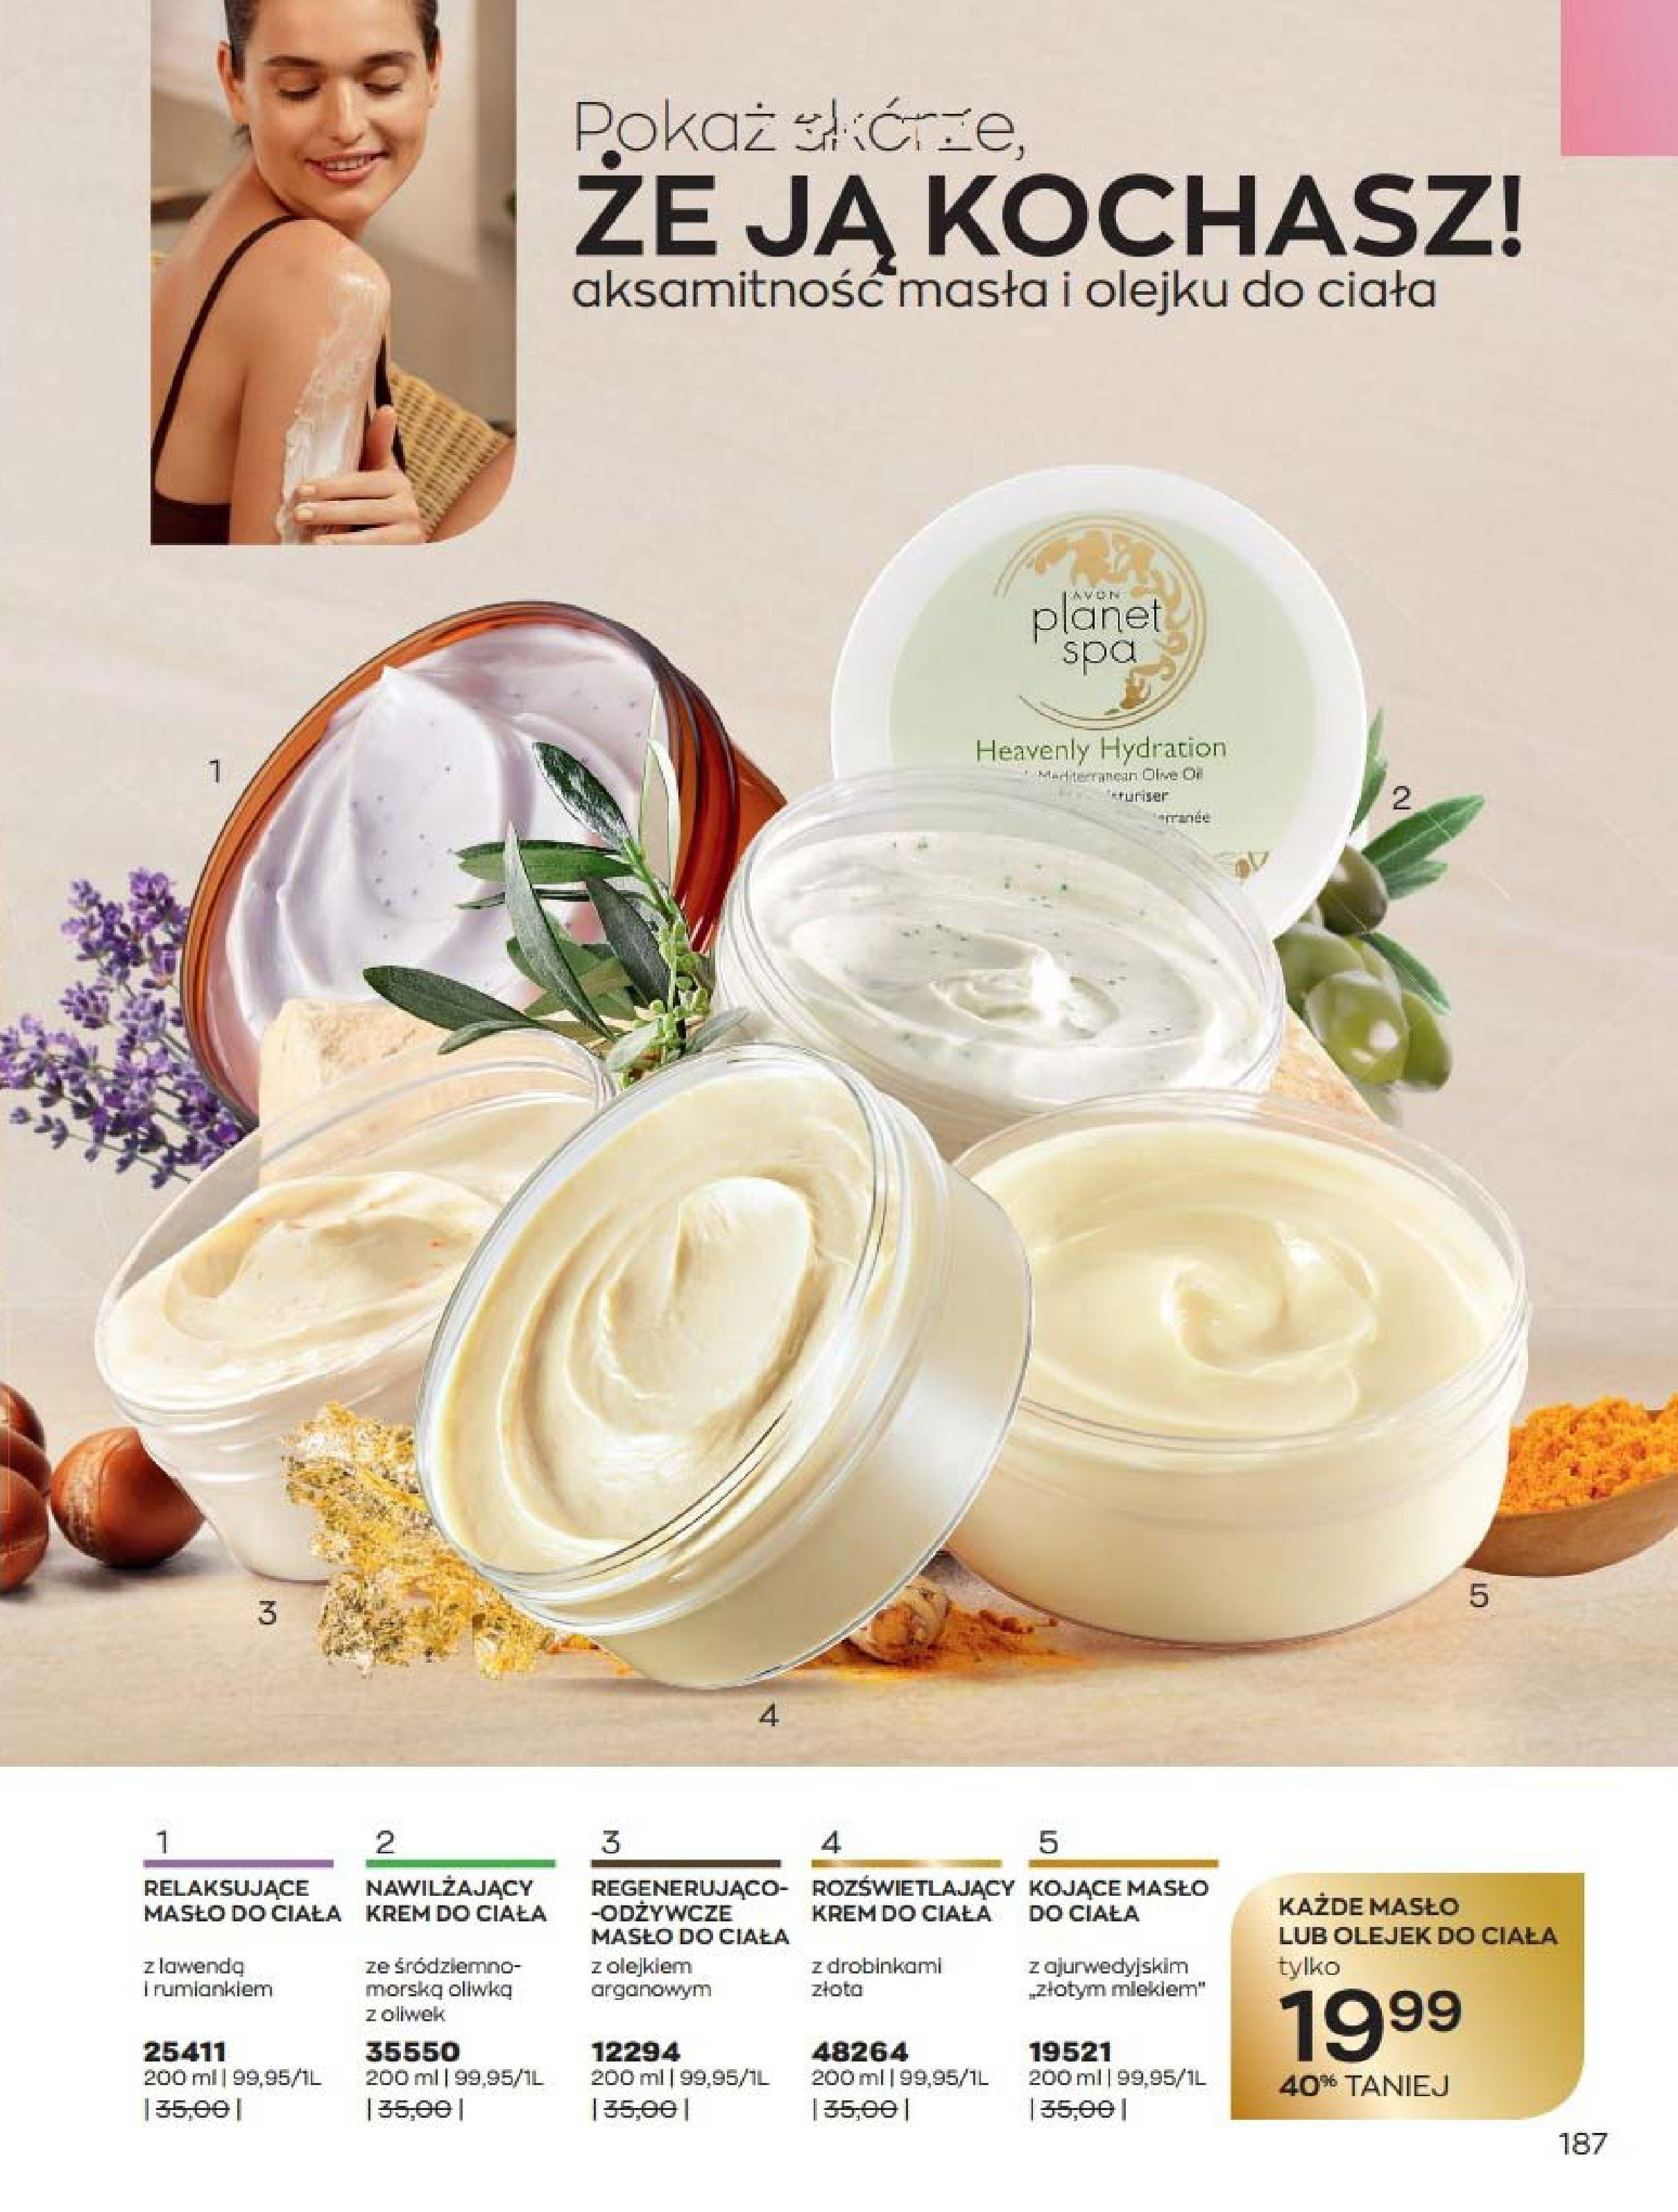 Gazetka Avon: Katalog Luty 2021 2021-02-01 page-187